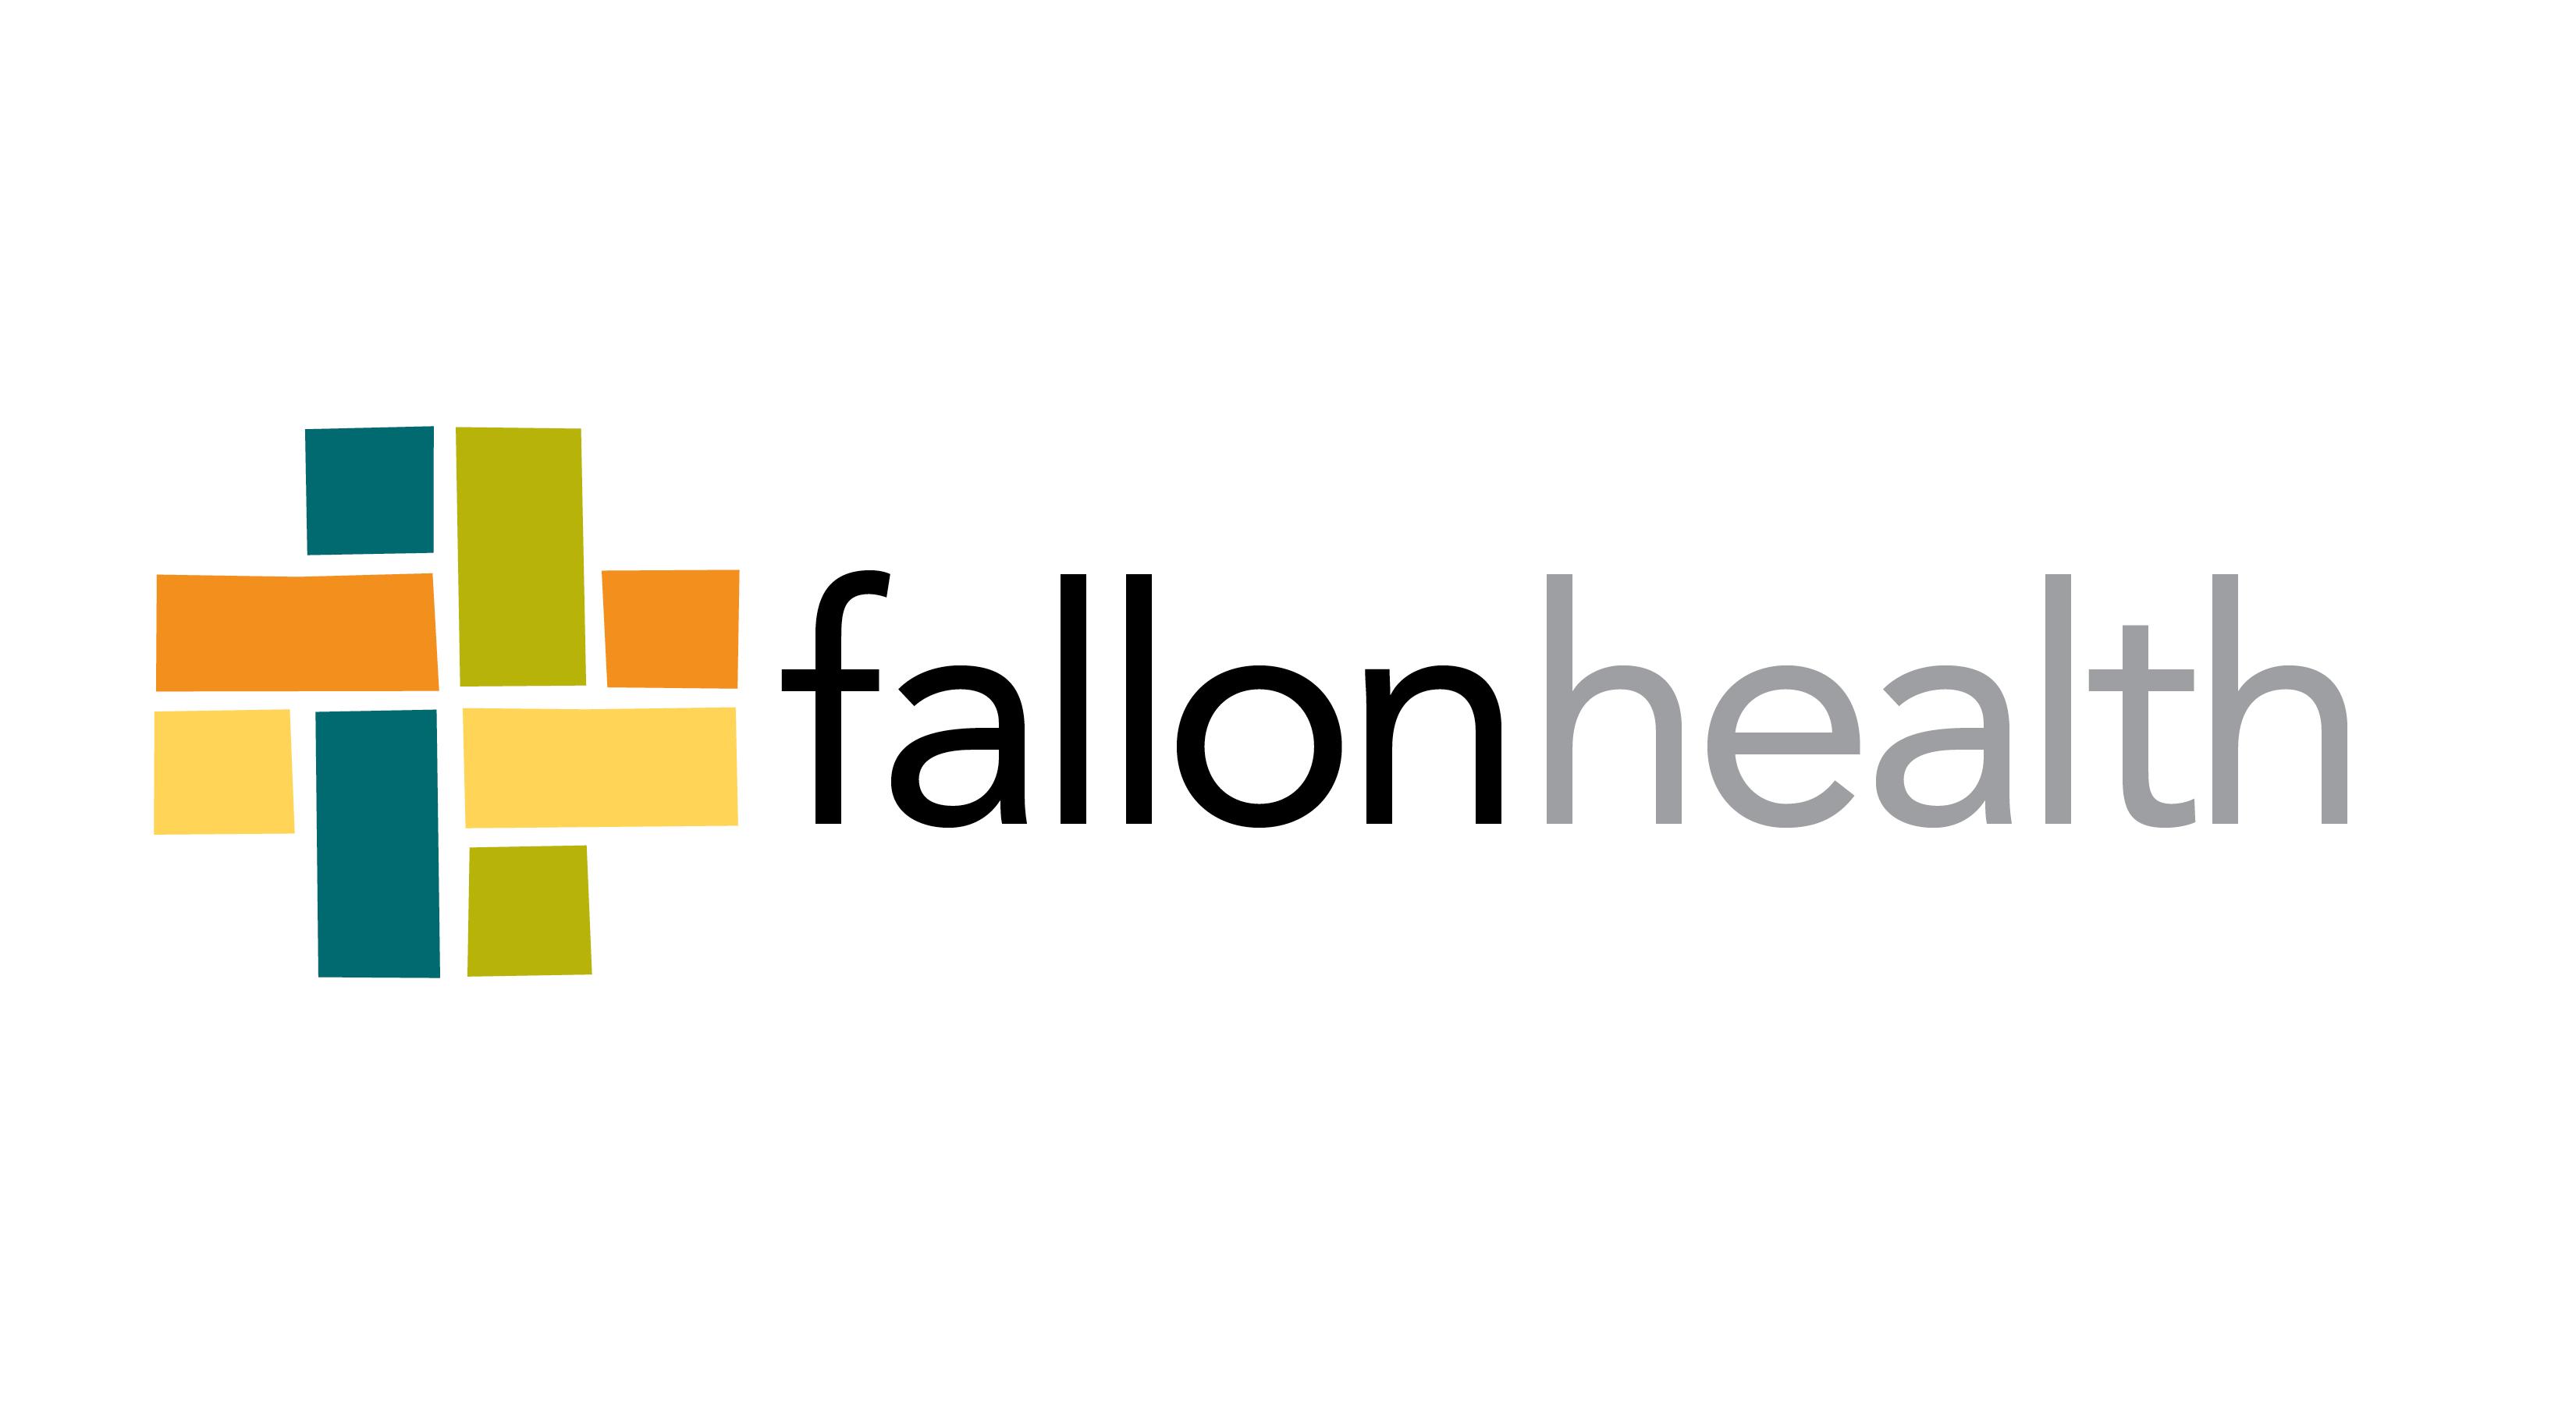 Fallon health logo 4c